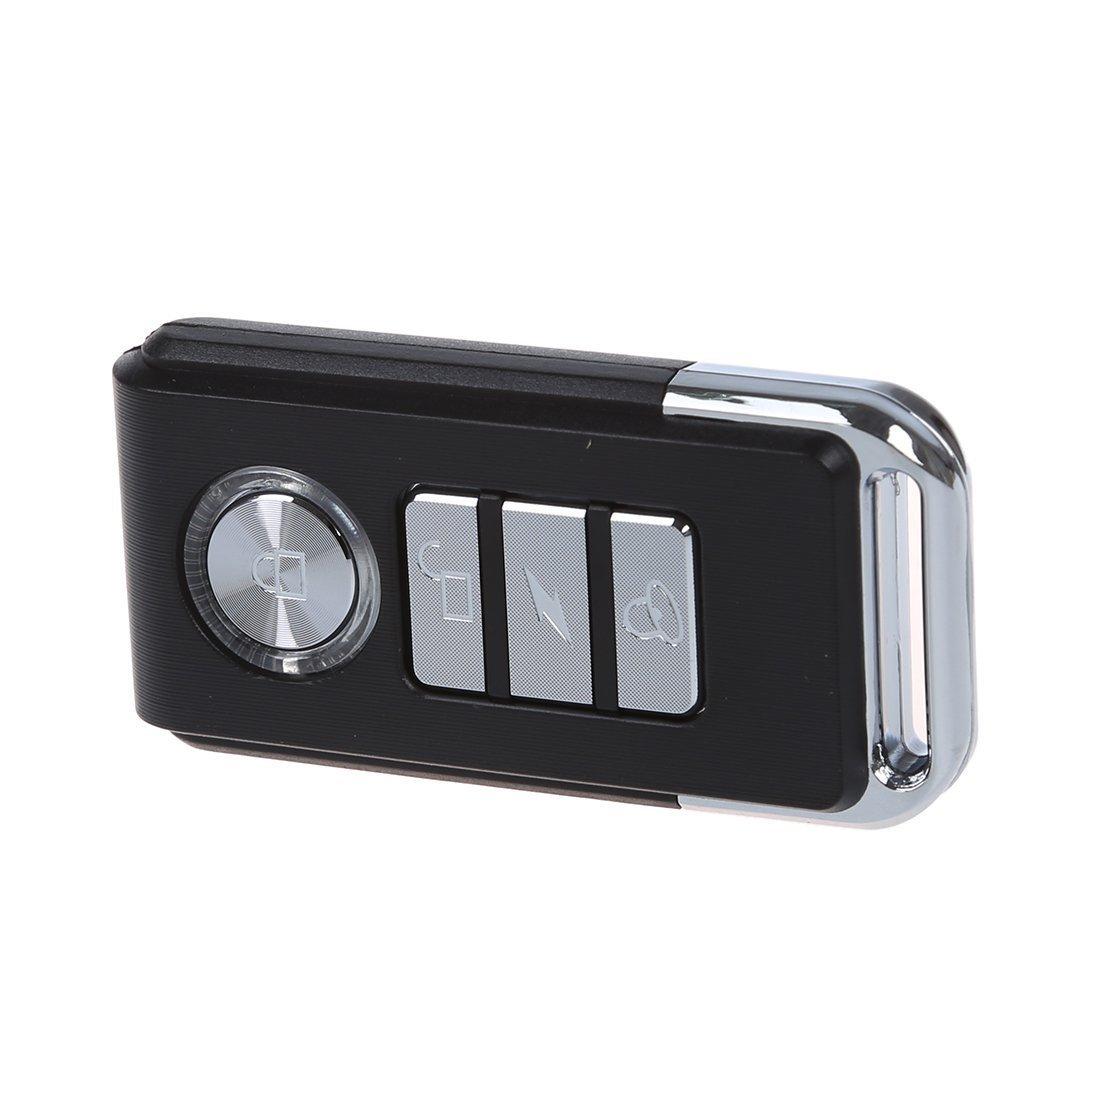 TOOGOO(R) Inalambrico Sensor de seguridad de ventana puerta magnetica Alarma antirrobo de entrada / Remoto control